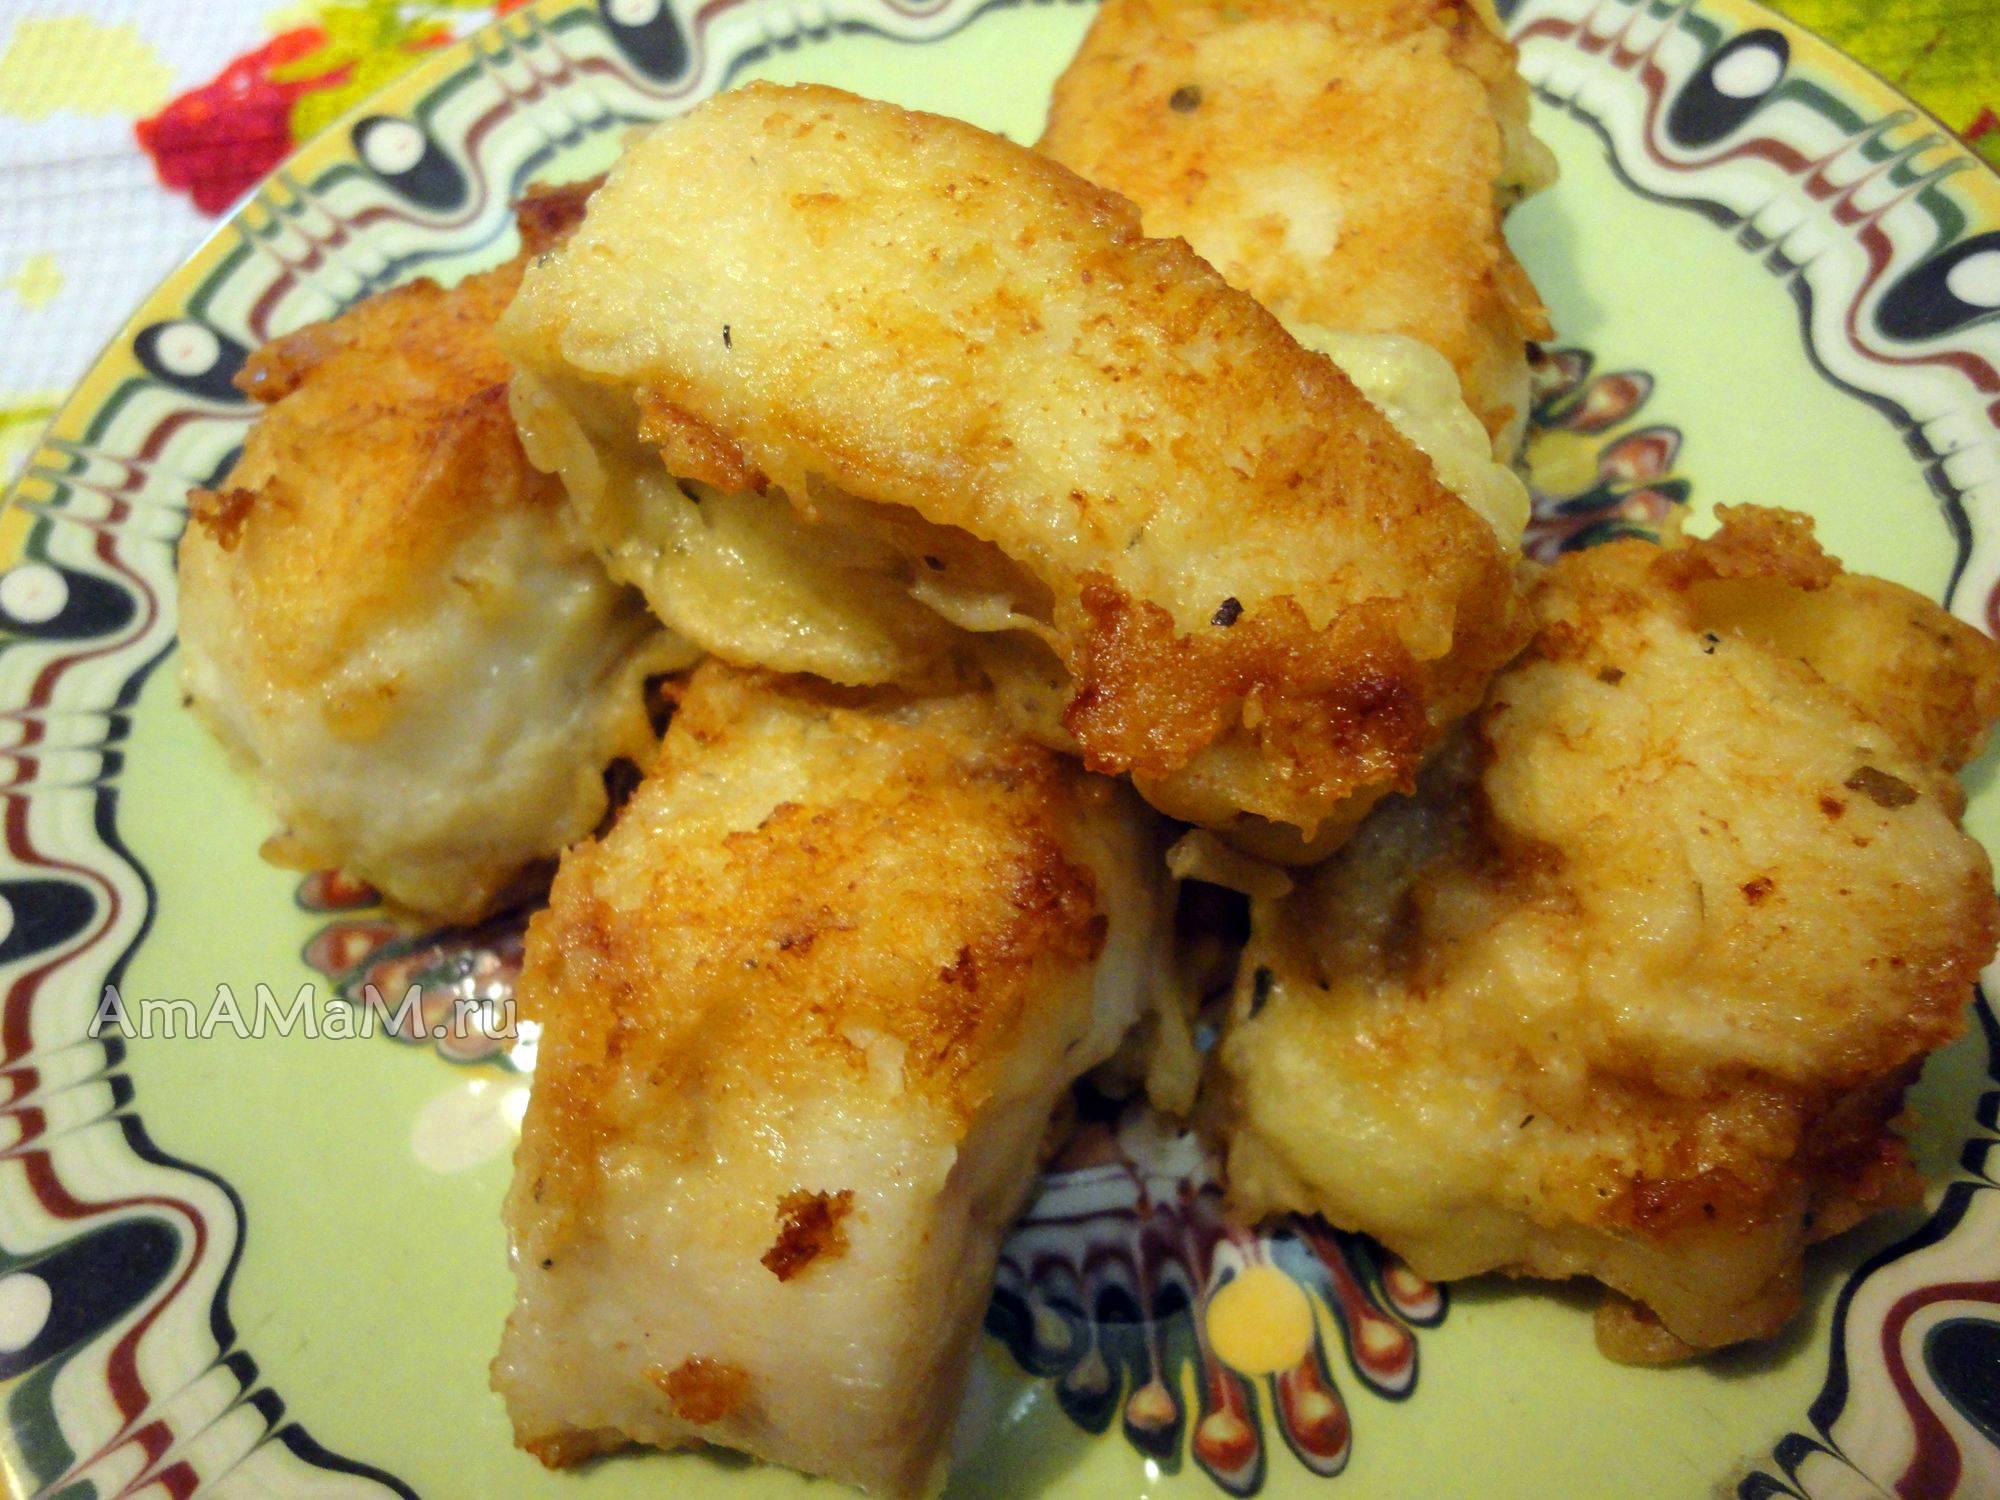 Рыба сайда – 9 самых вкусных рецептов приготовления